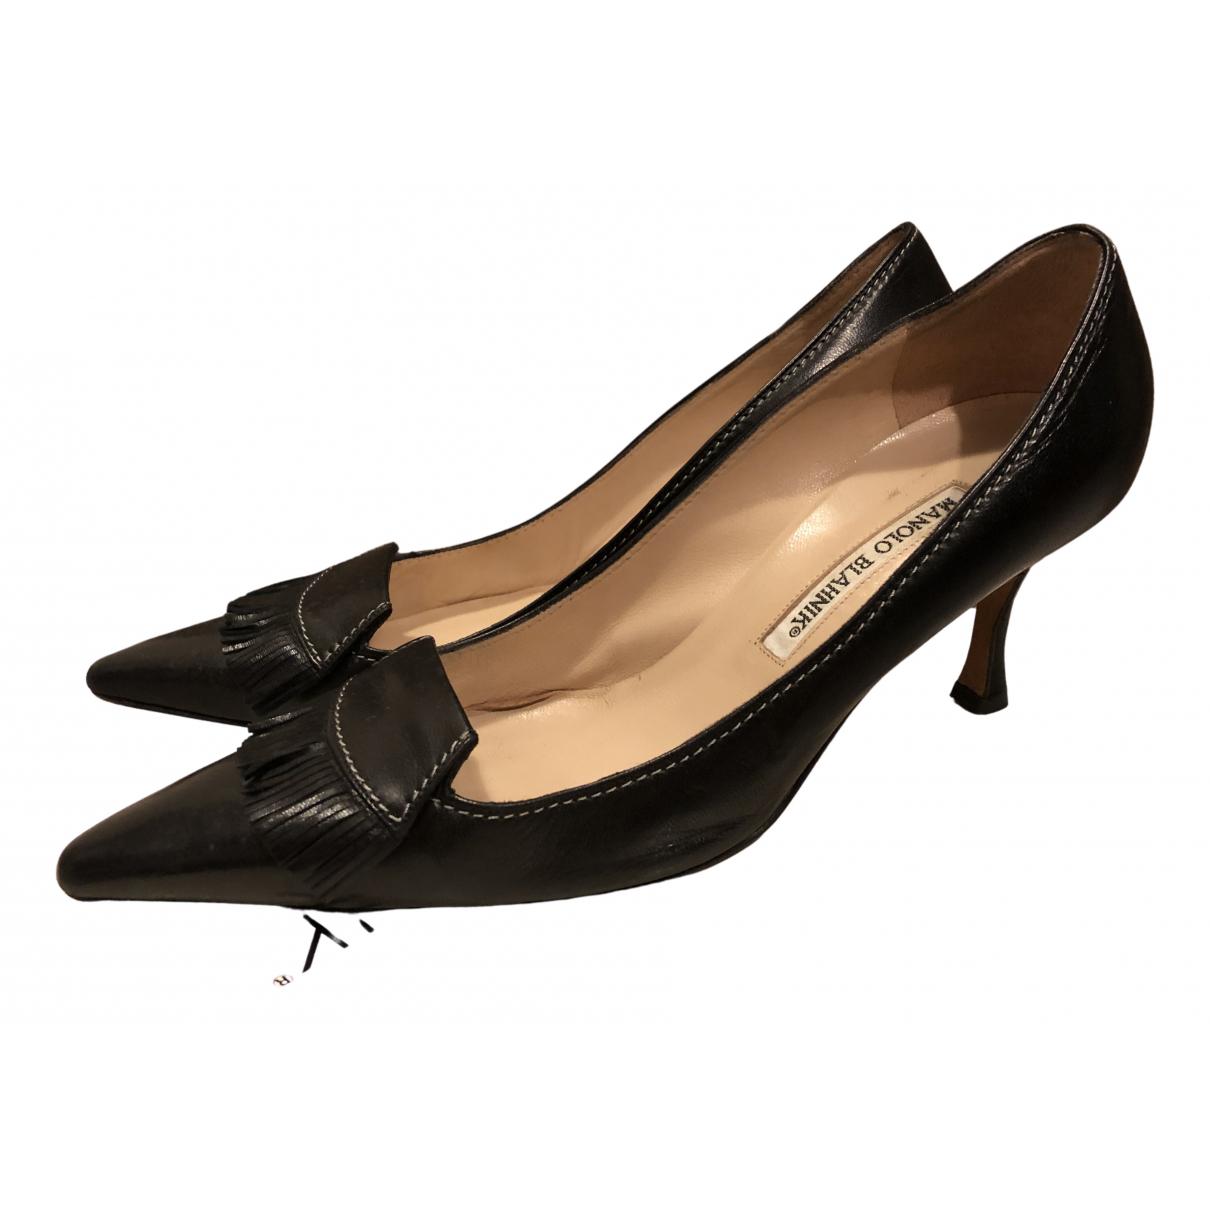 Manolo Blahnik \N Black Leather Heels for Women 38.5 EU